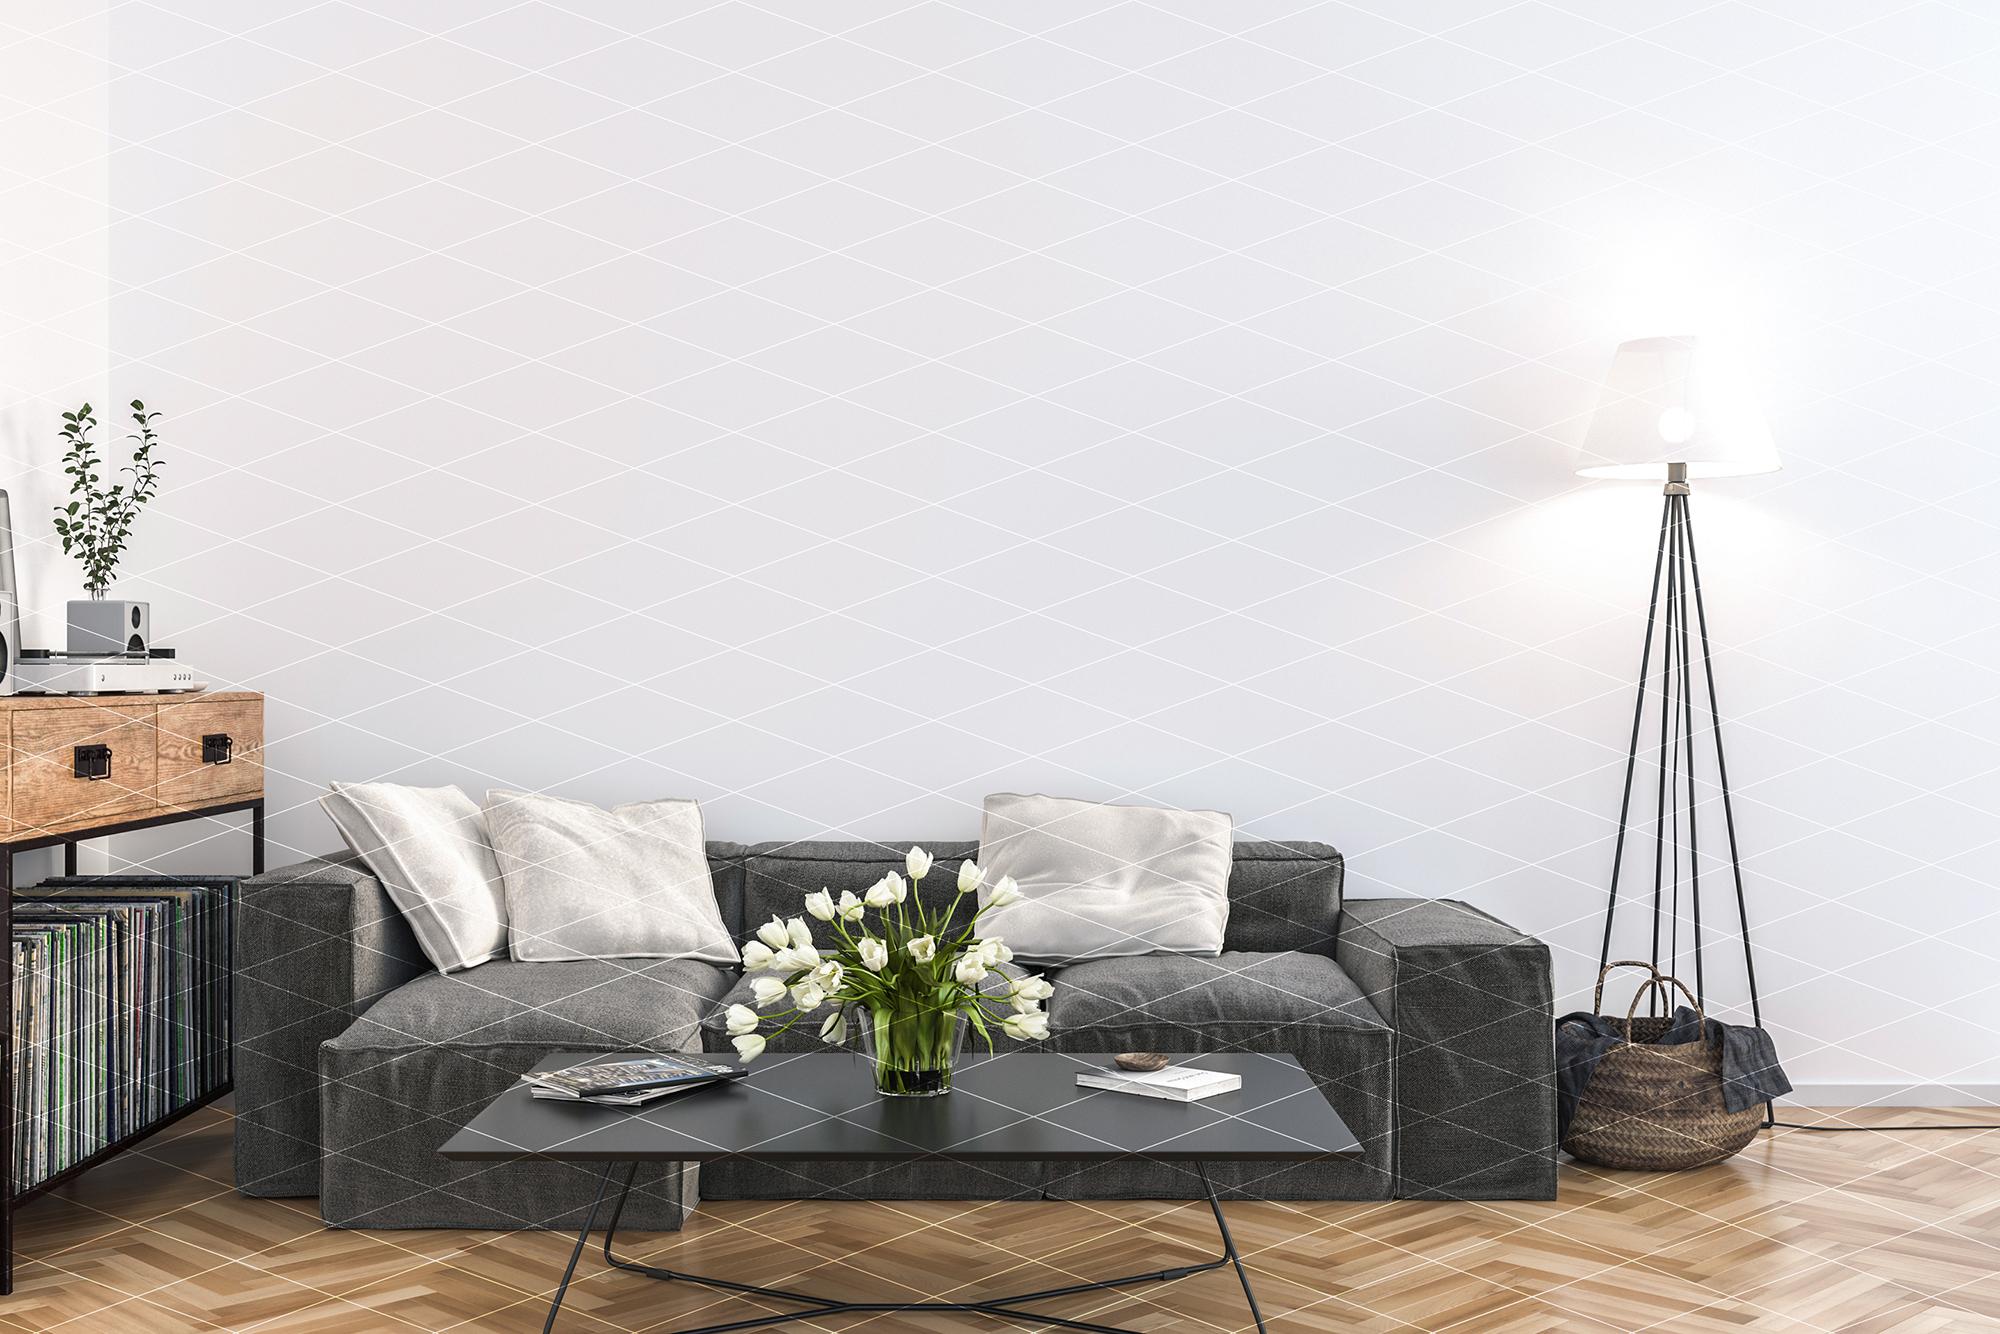 Frame mockup - horizontal & vertical frame mock up example image 2